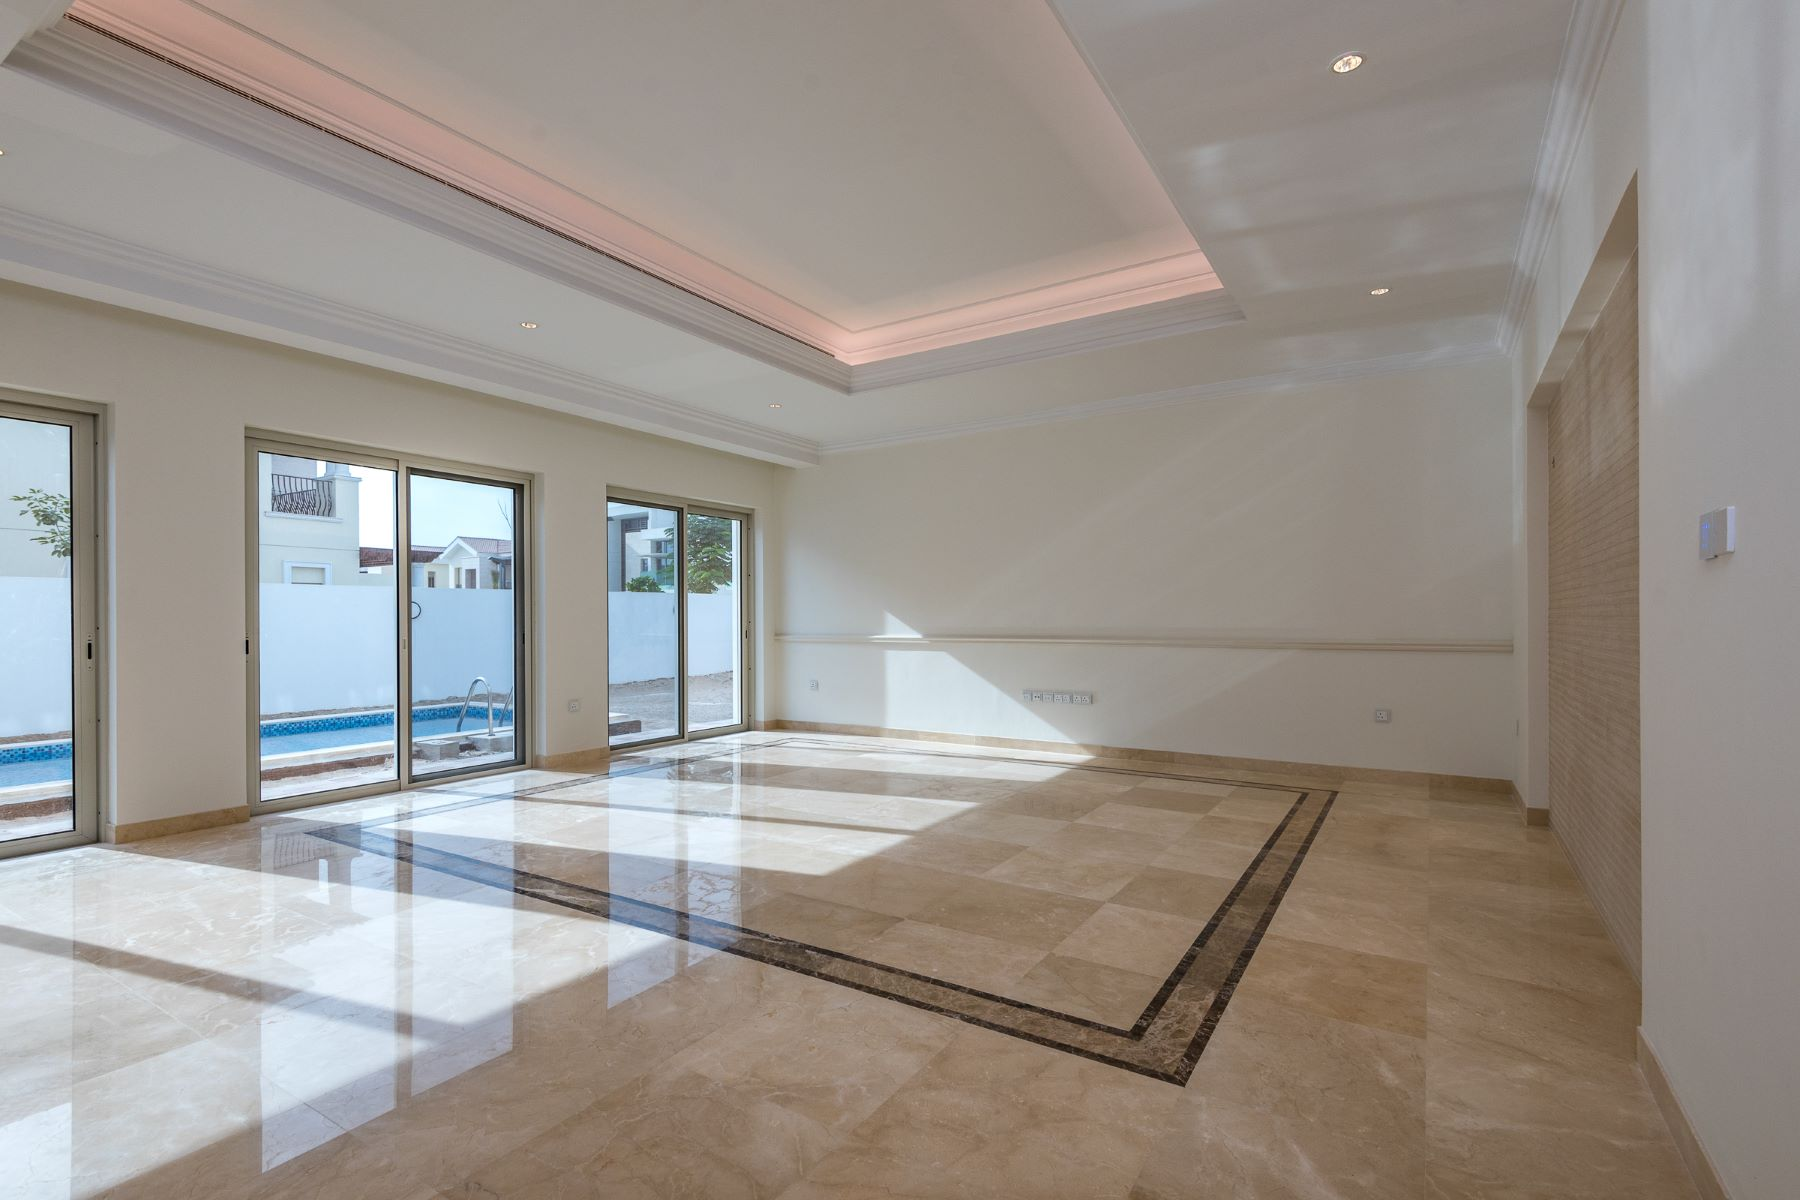 واحد منزل الأسرة للـ Sale في Amazing 5 Bedrooms Villa in Meydan Sobha Meydan City, Meydan Sobha D47, Dubai, 00000 United Arab Emirates